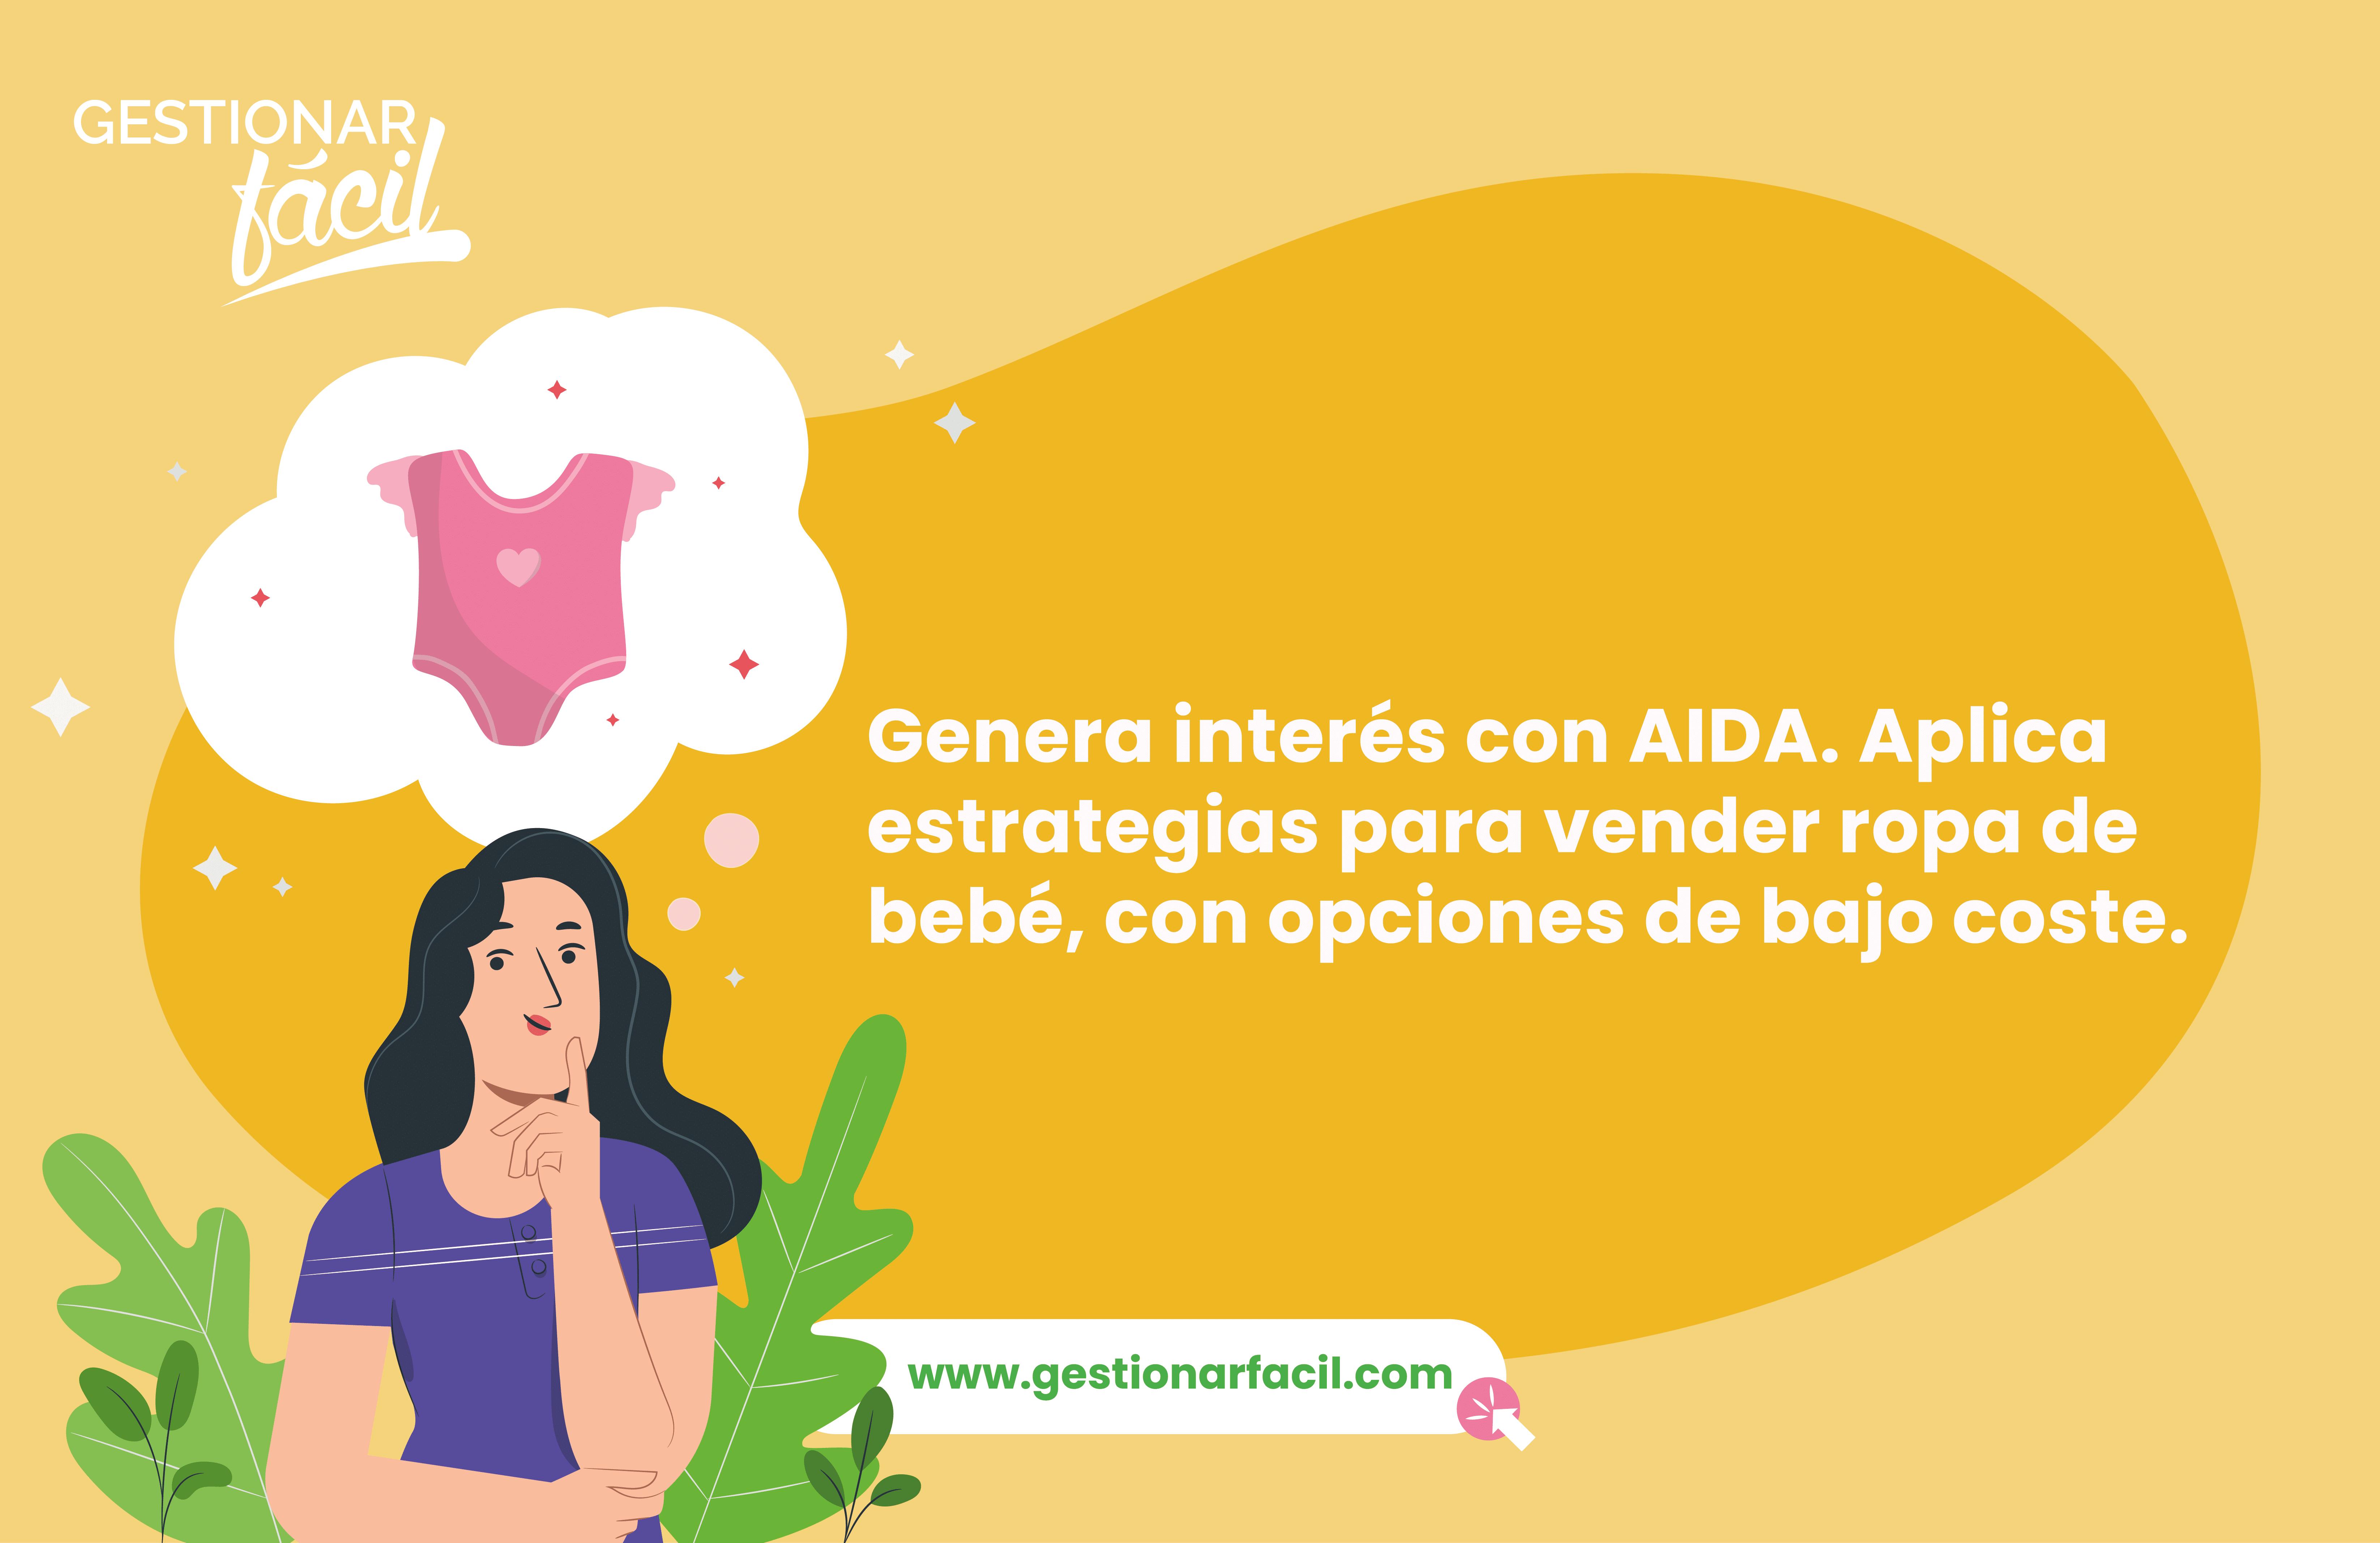 Genera interés con AIDA. Aplica estrategias para vender ropa de bebé, con opciones de bajo coste.